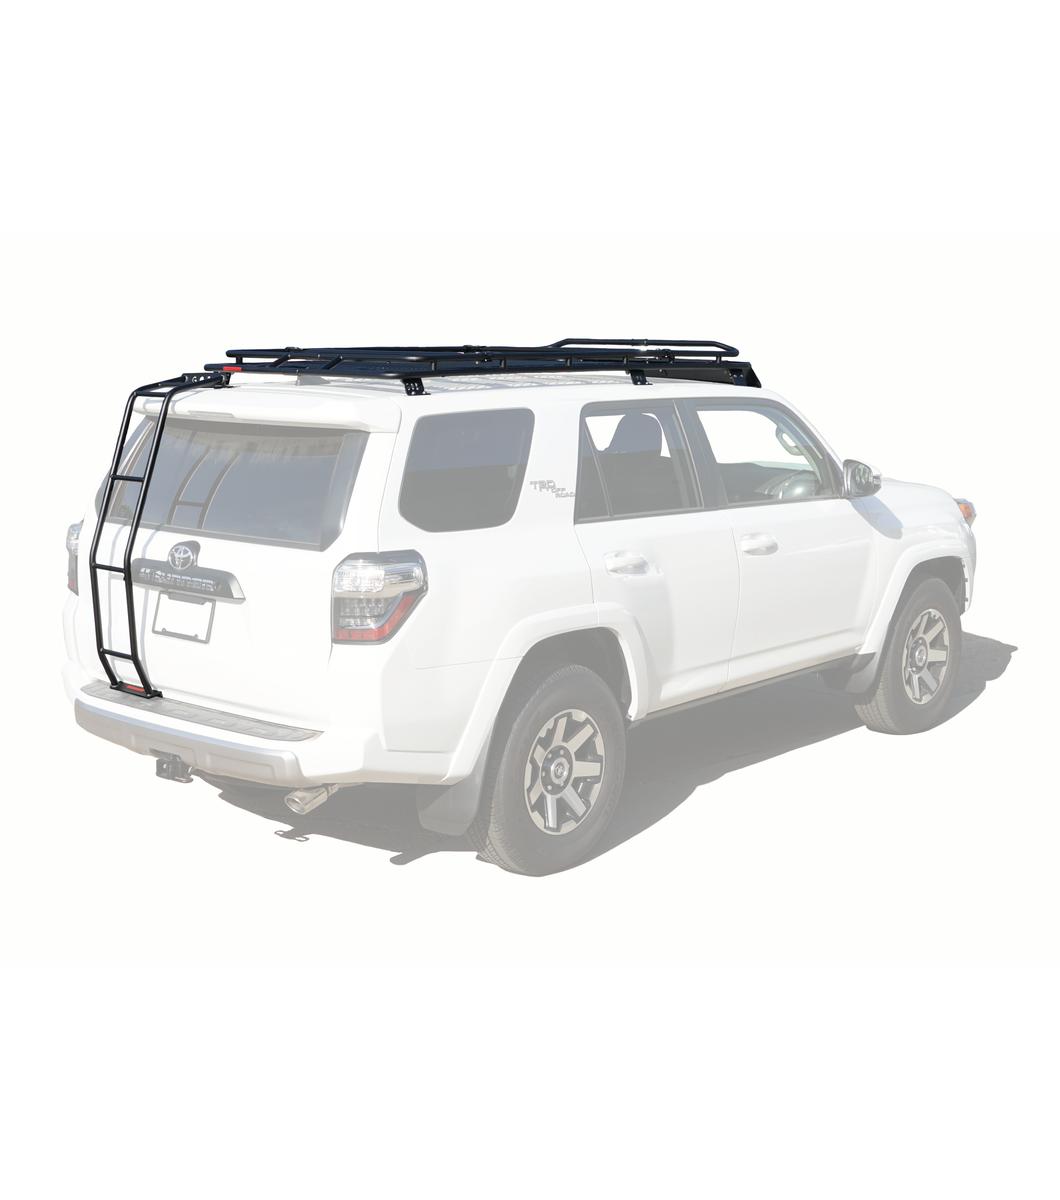 Gobi Toyota 4runner 5th Gen Stealth Rack Multi Light Setup